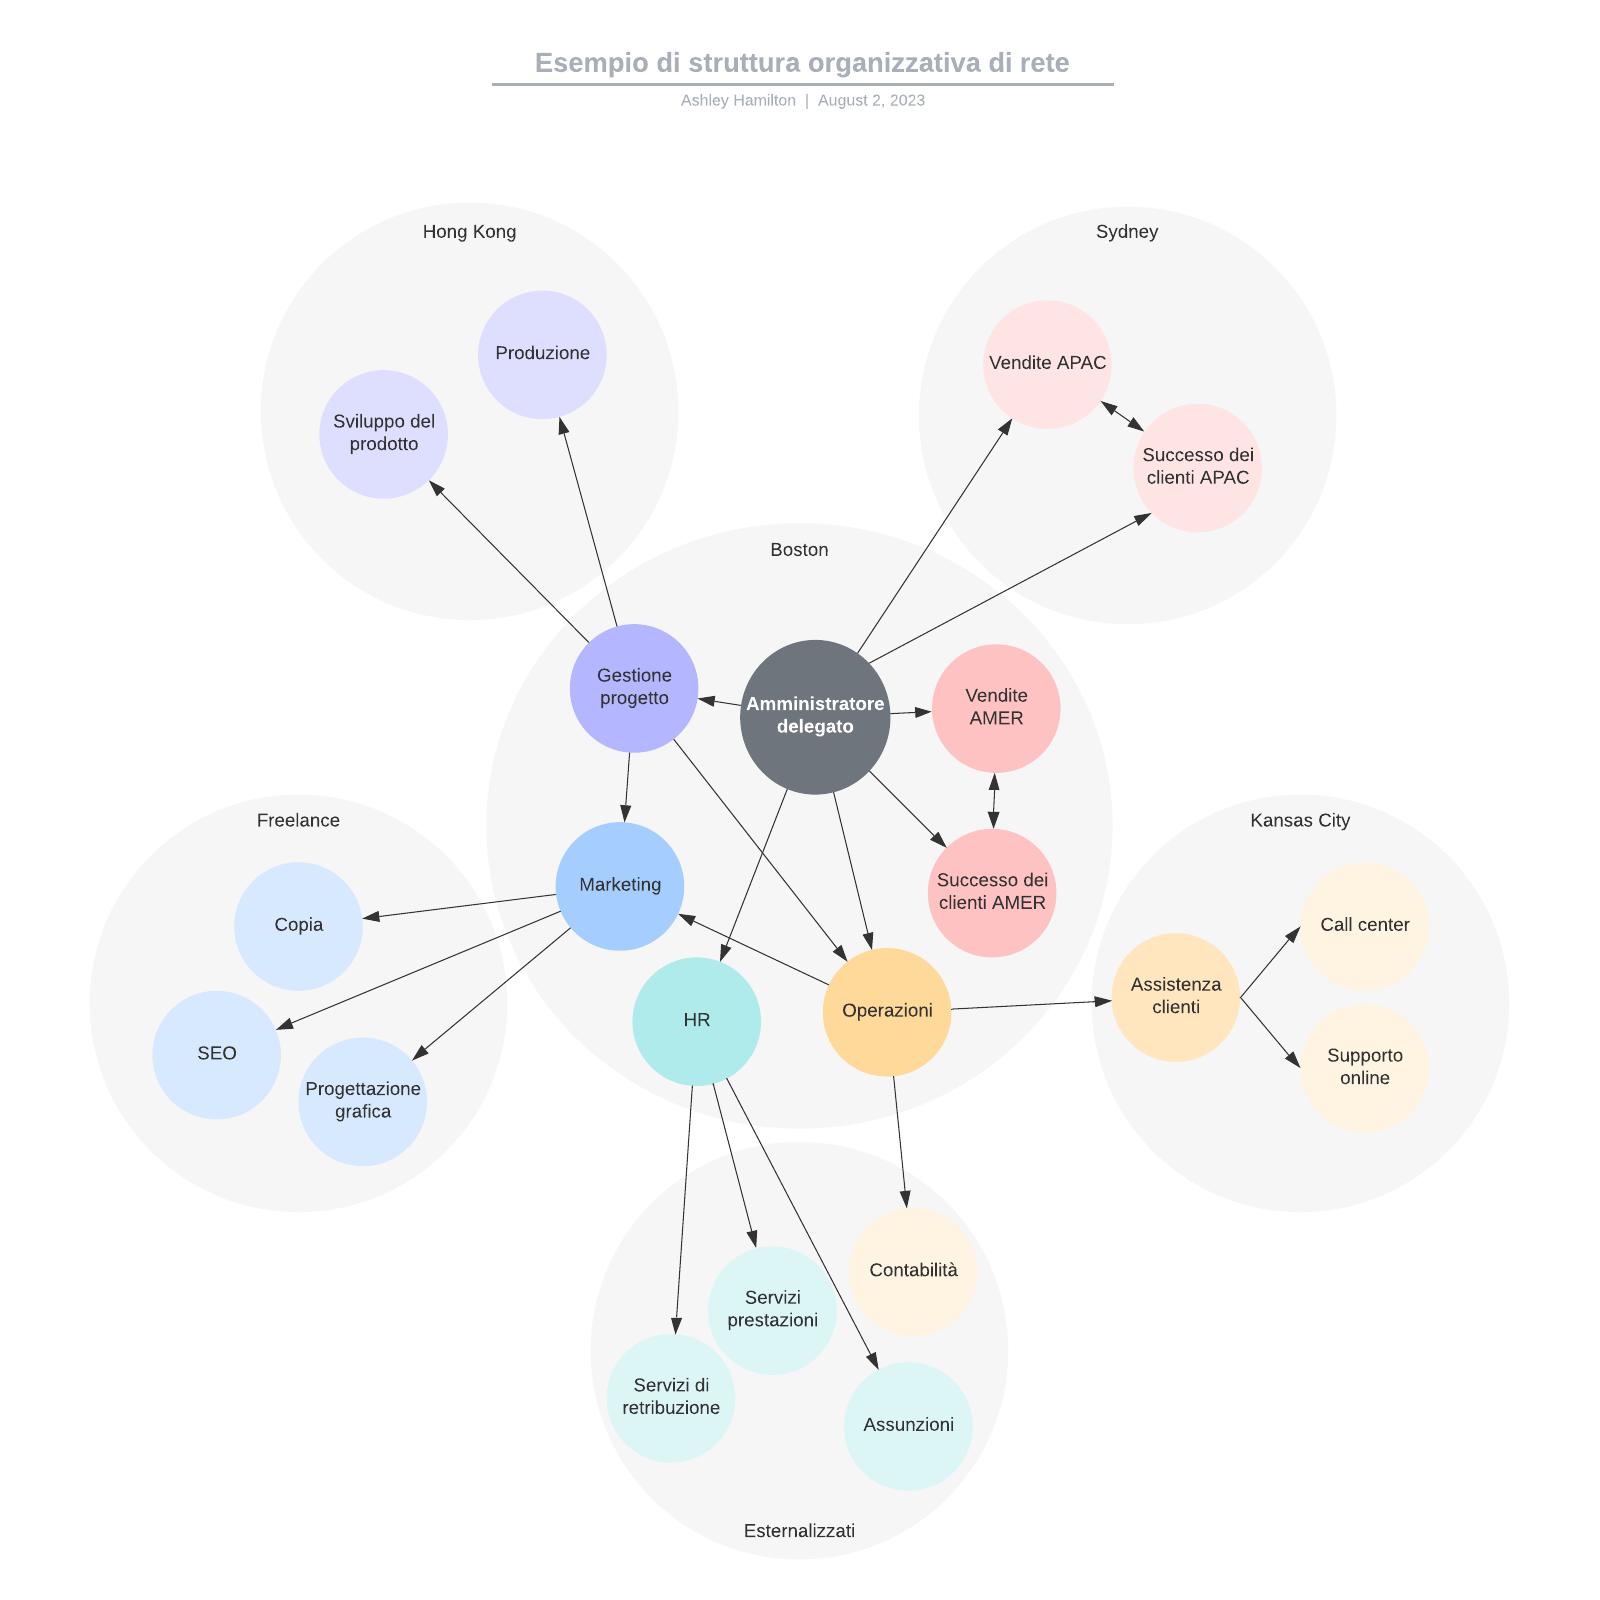 Esempio di struttura organizzativa di rete